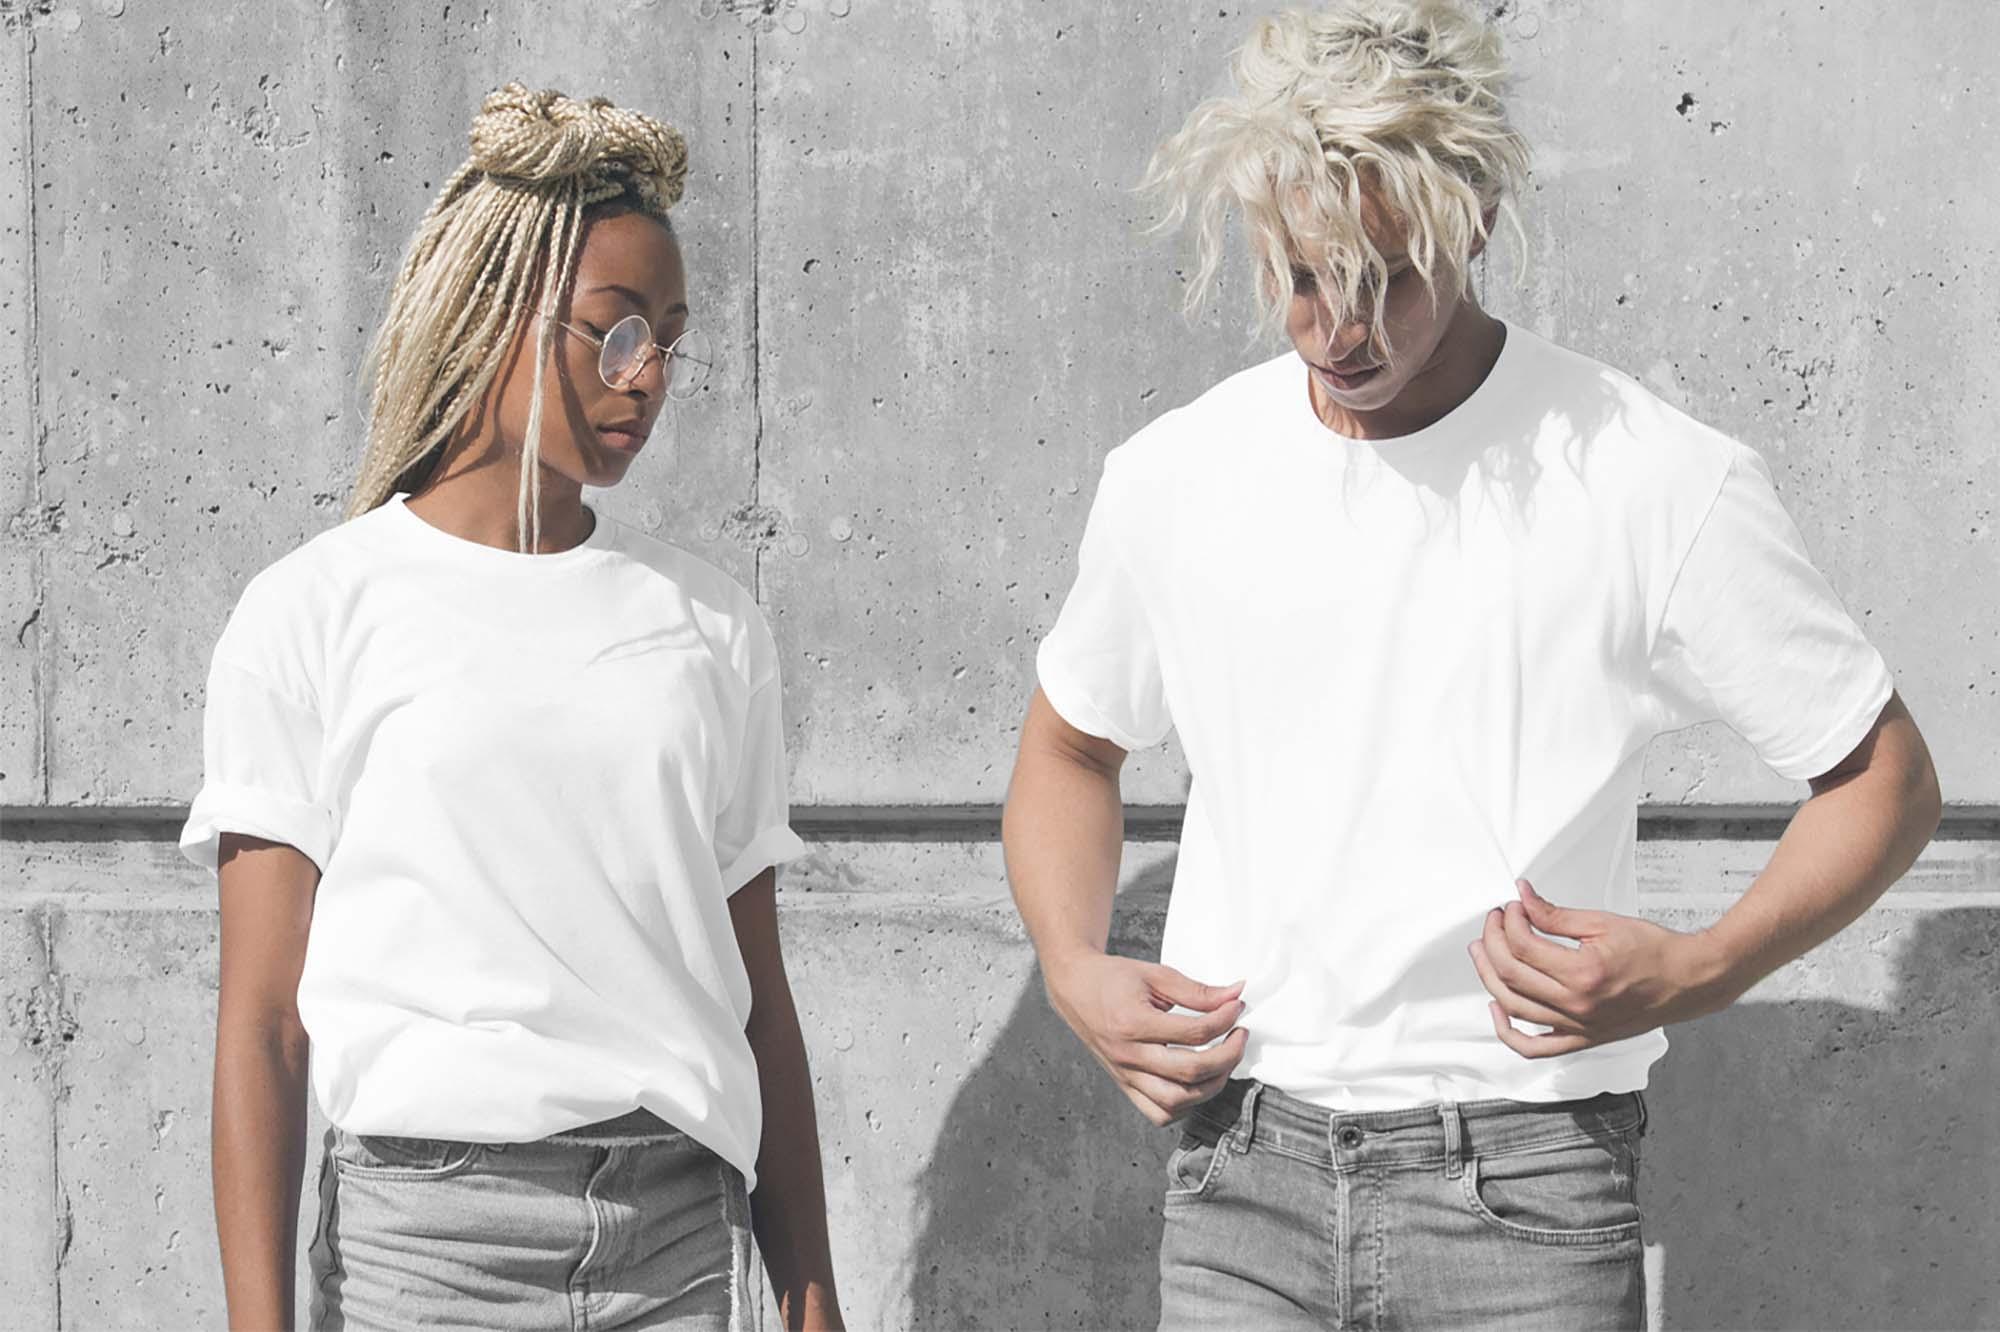 Male Female T-Shirts Mockup 2